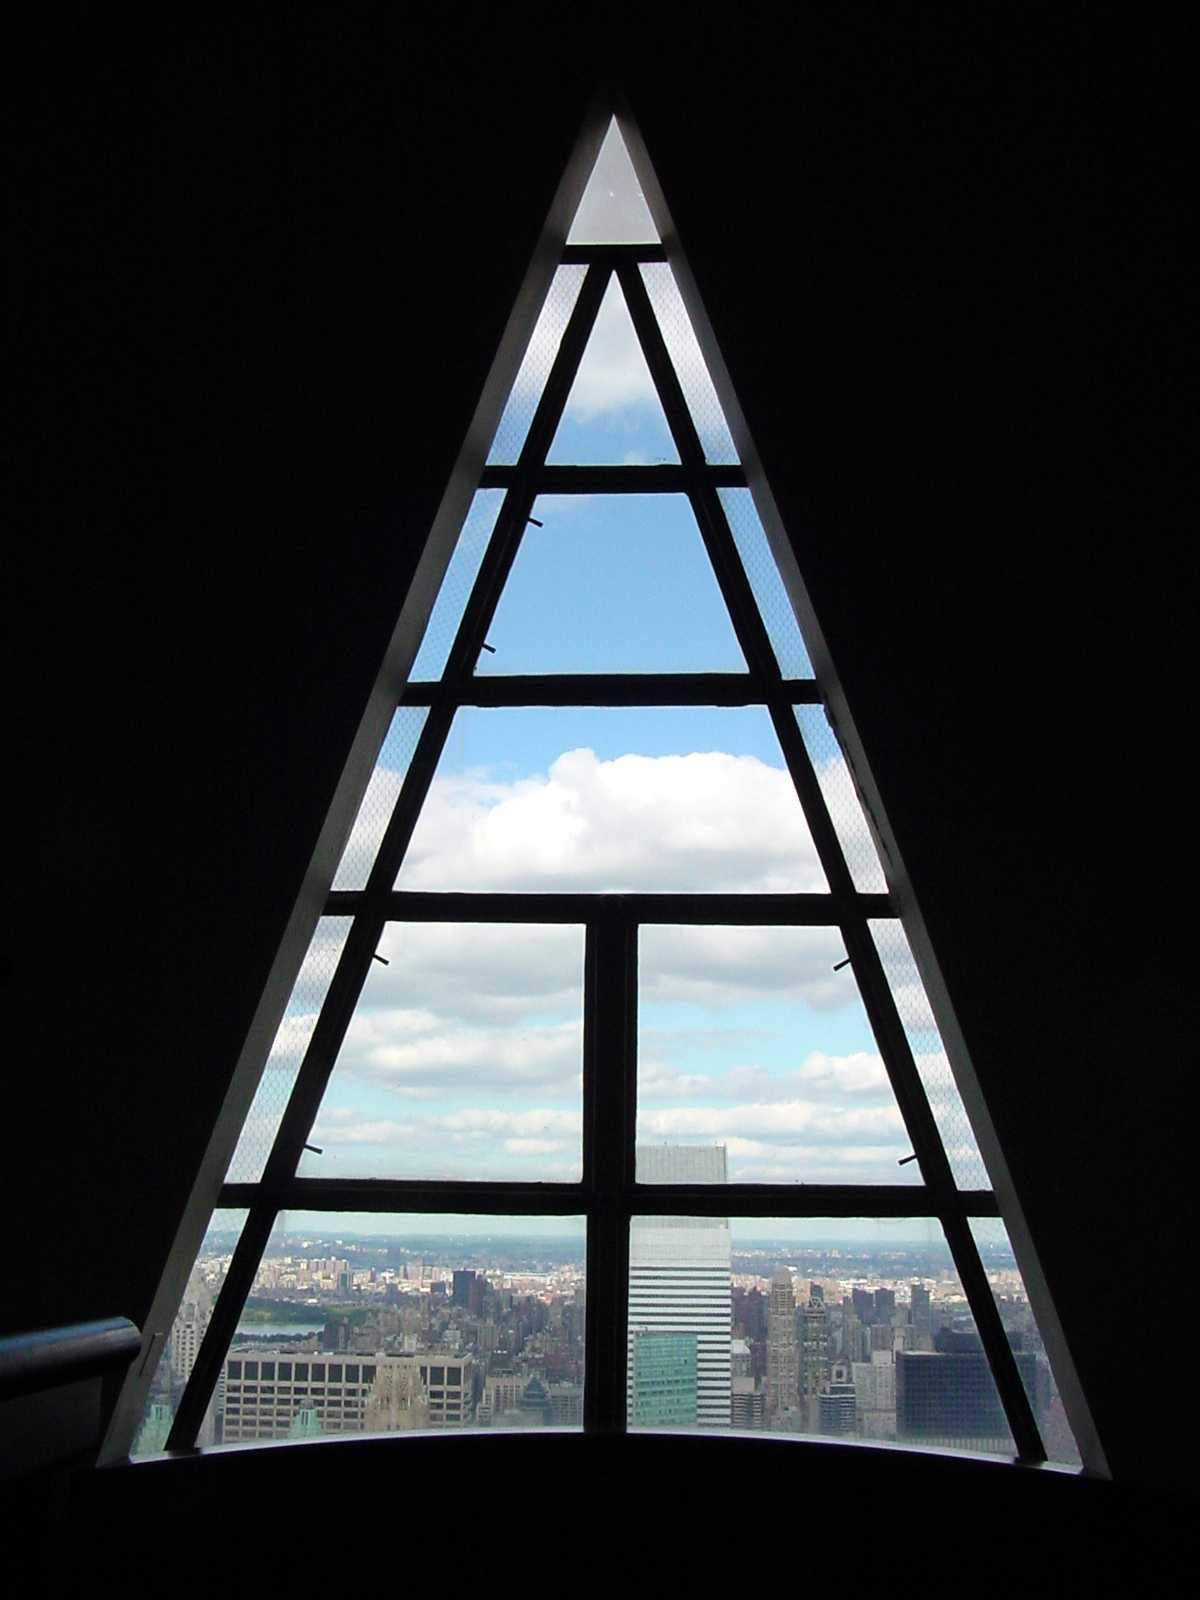 Triangle Shaped window